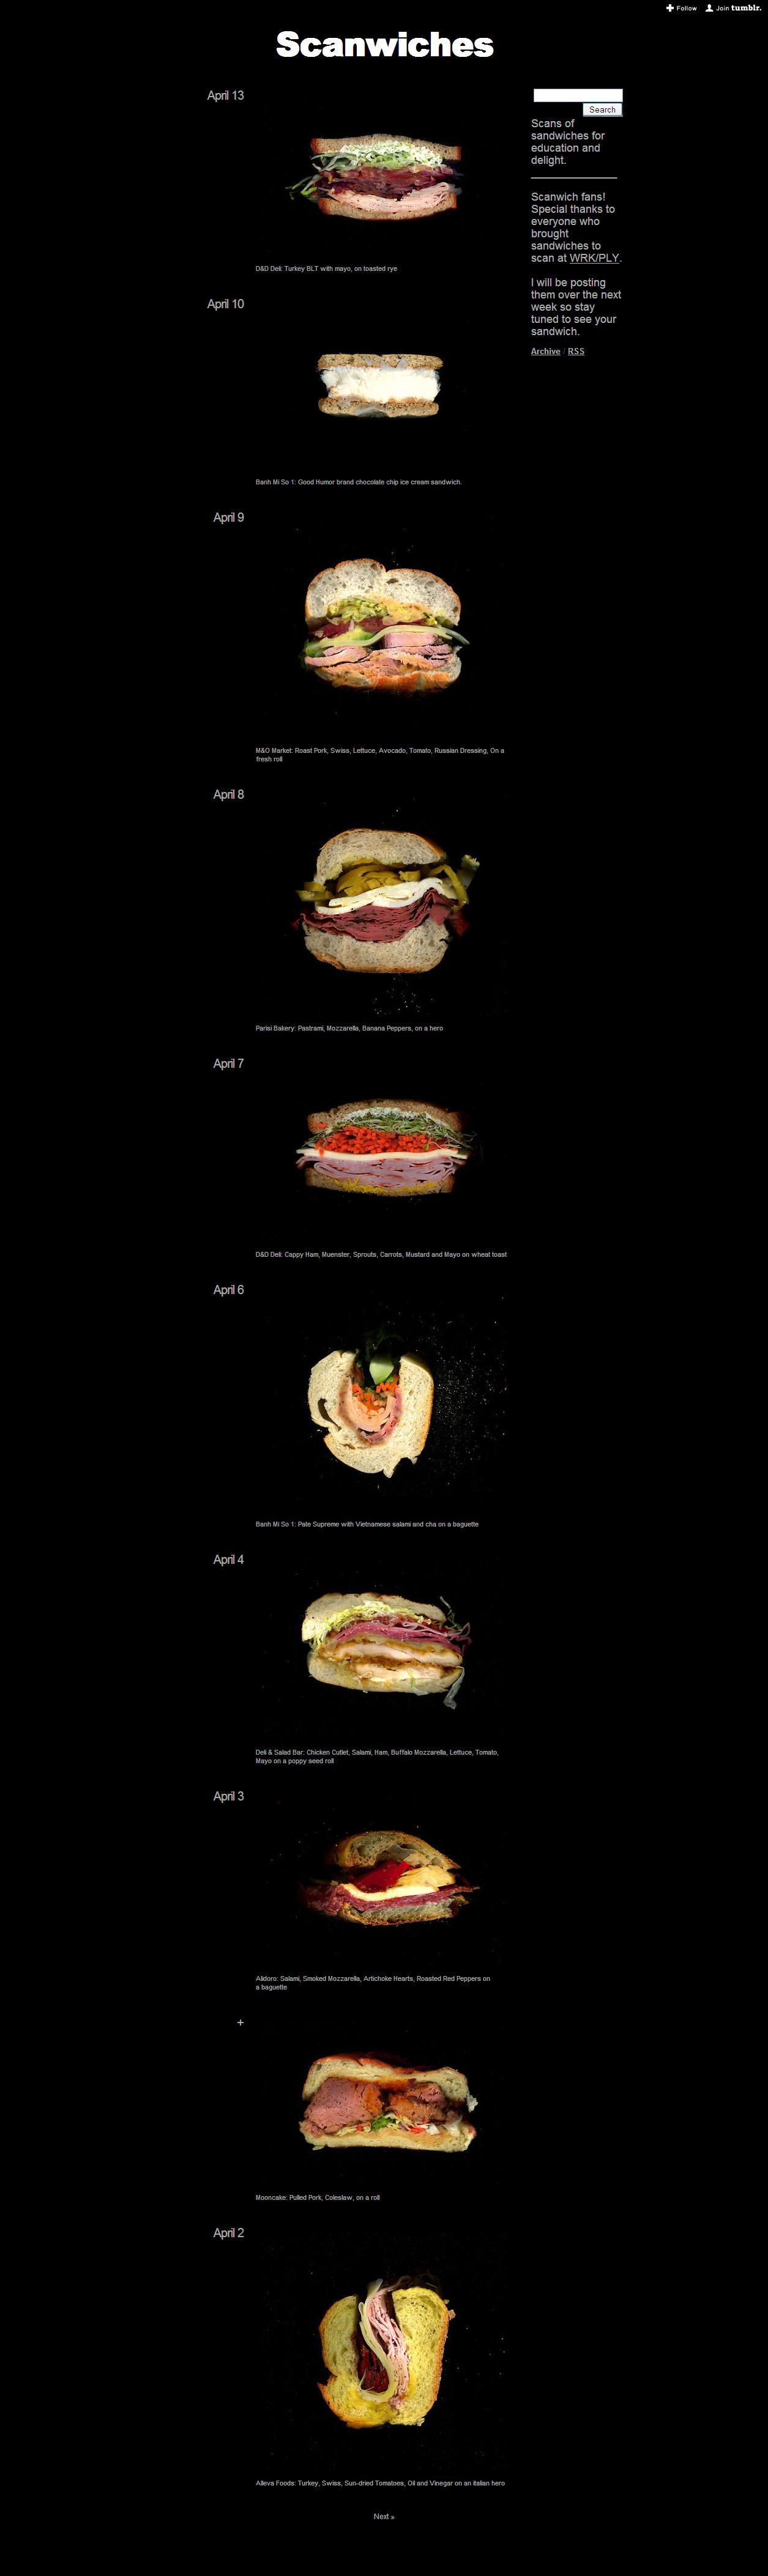 Une belle collection de sandwiches